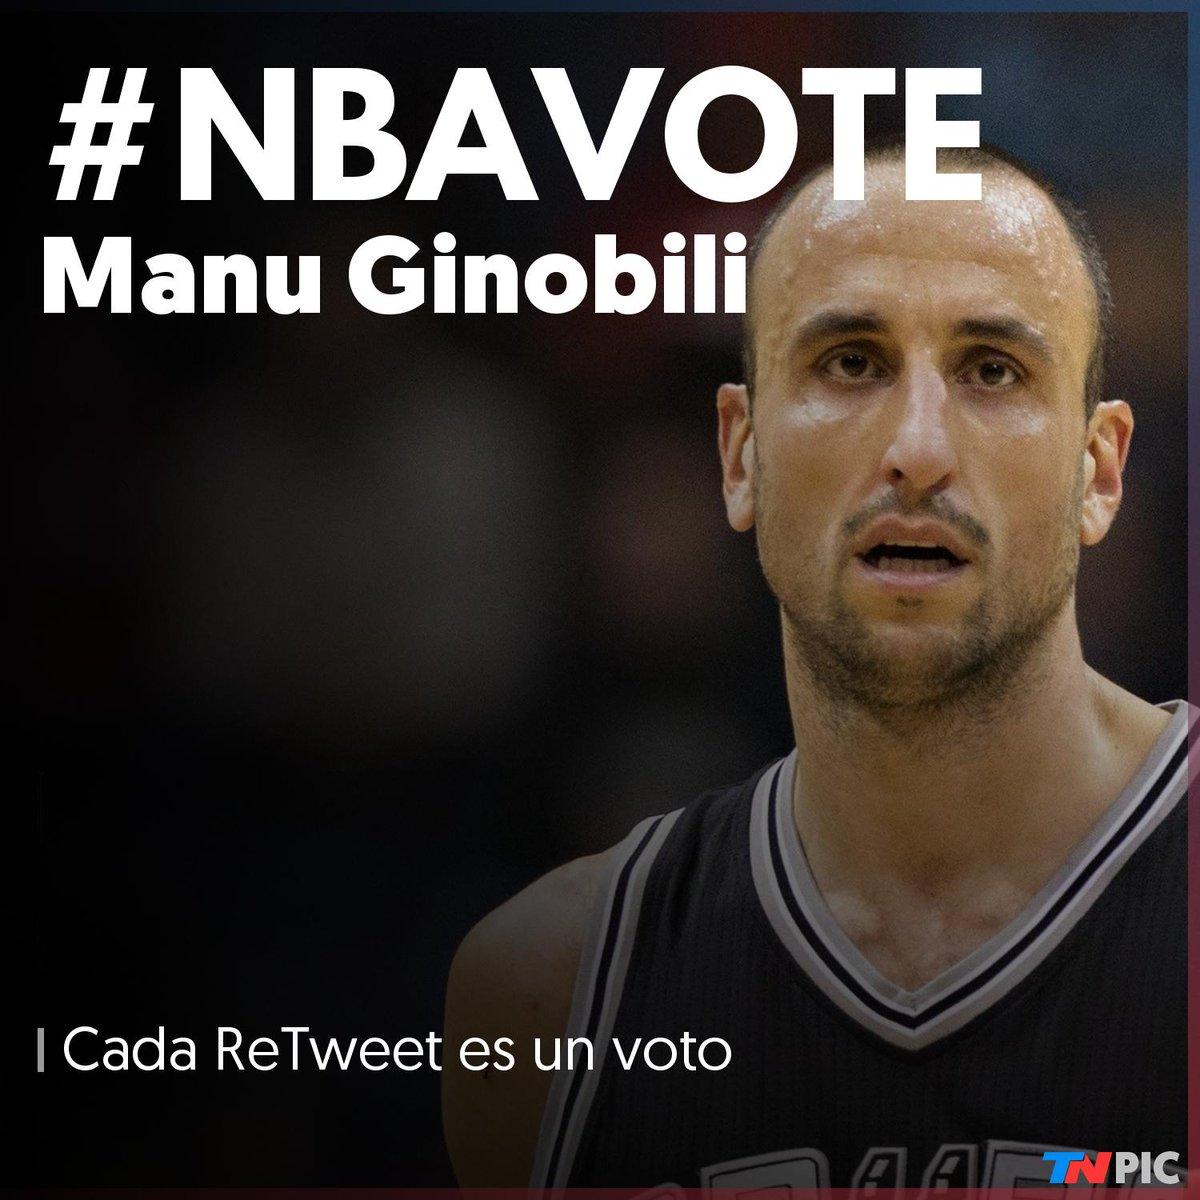 Último día para votar a @manuginobili en los #NBAAllStars   ☛ Cada RT es un voto   #NBAVote Manu Ginobili